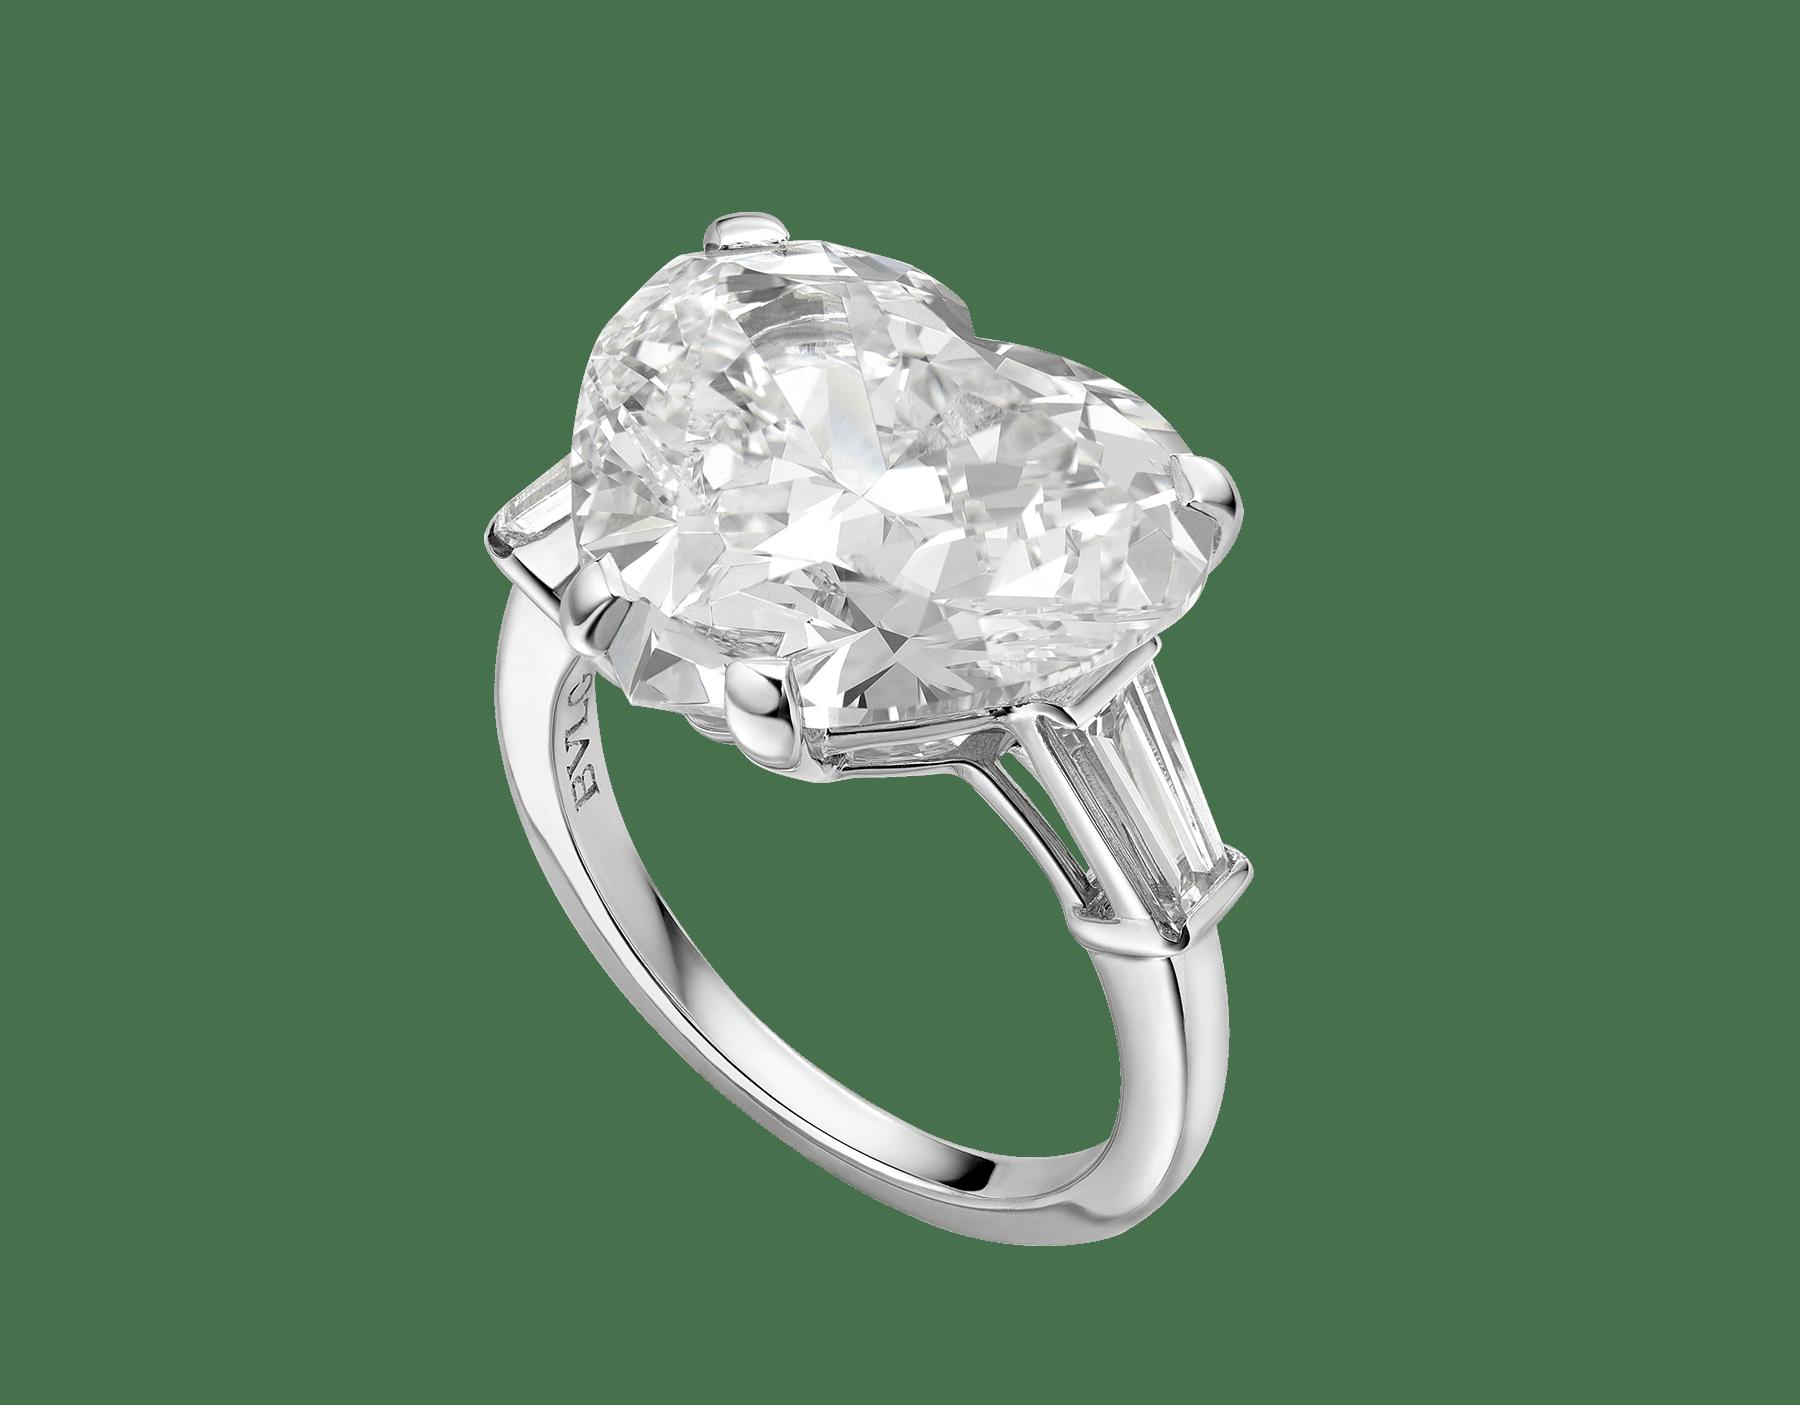 Anel Griffe em platina com diamante lapidação coração e dois diamantes laterais AN852904 image 1